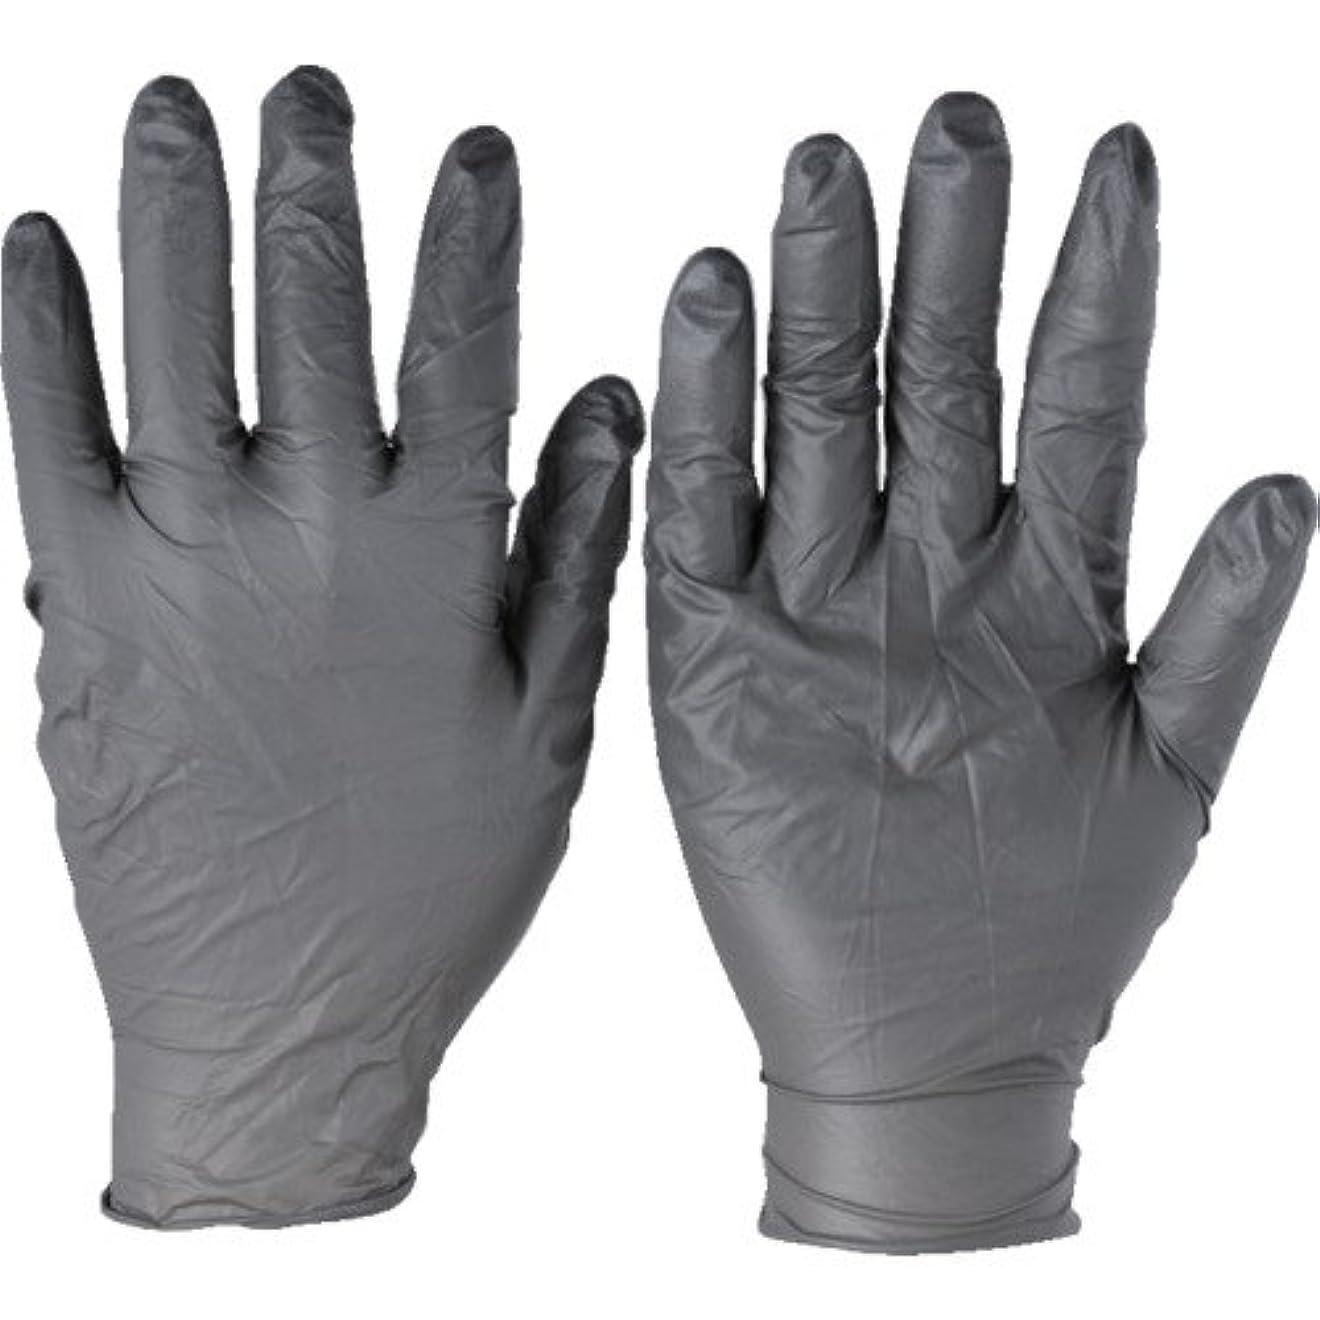 のヒープトラブル熟したトラスコ中山 アンセル ニトリルゴム使い捨て手袋 タッチエヌタフ 粉無 Mサイズ 100枚入 932508